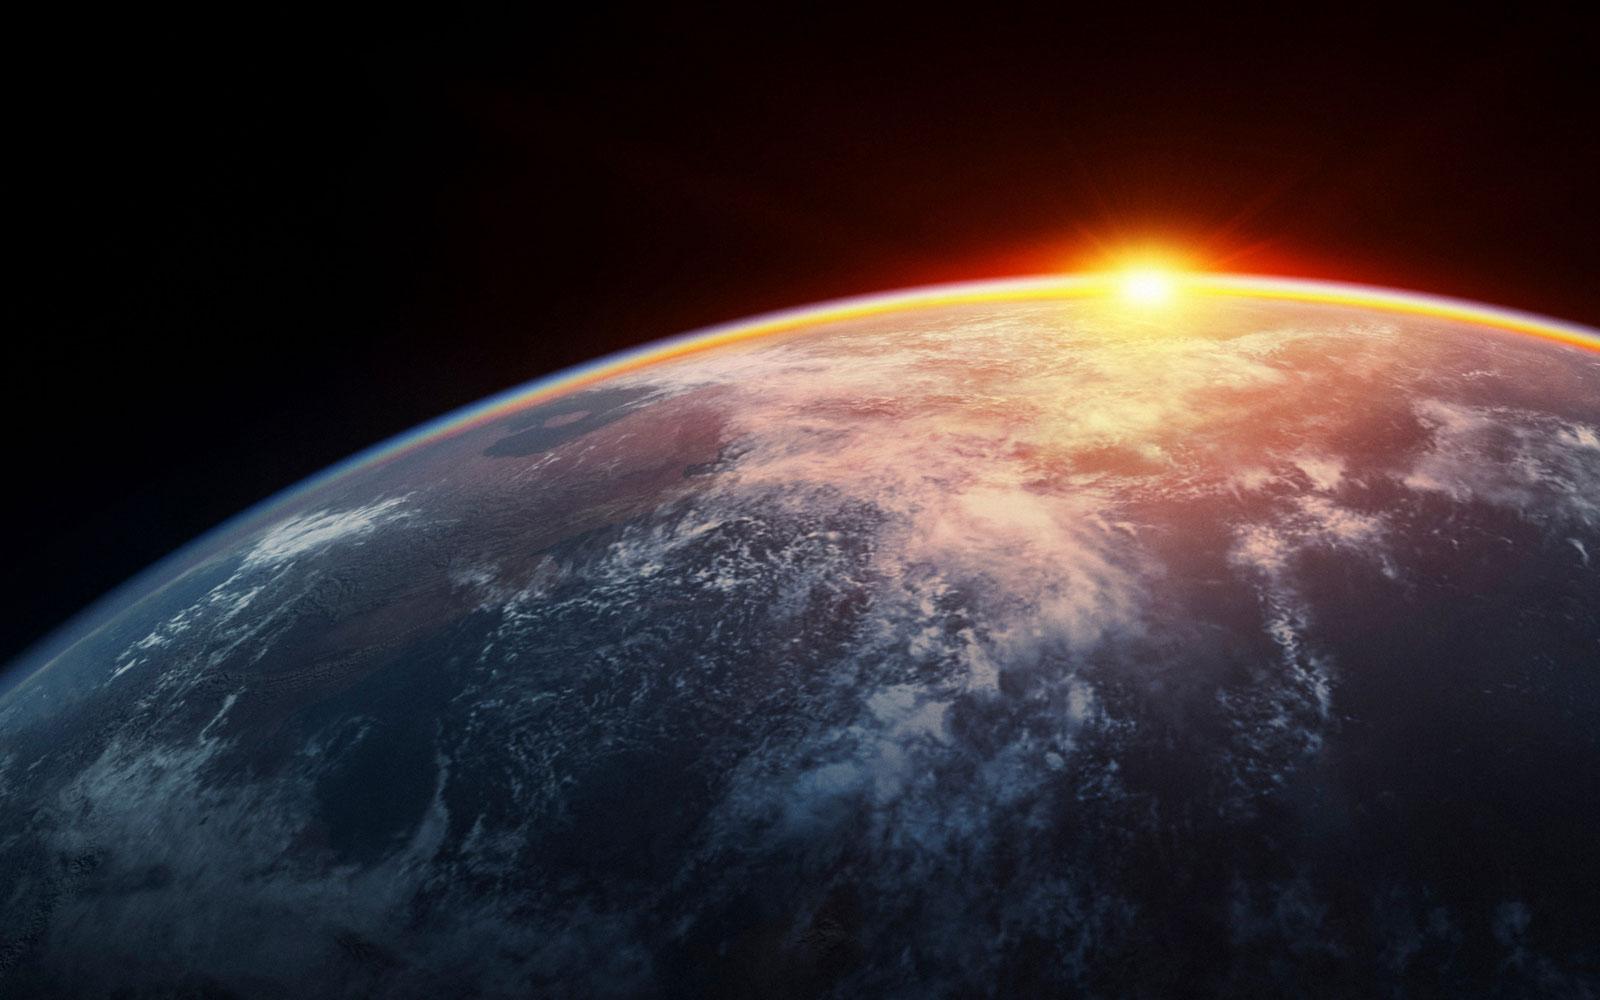 """Oamenii de știință, scenariu sumbru pentru viitor: """"Lumea, așa cum o știm, s-ar putea sfârși"""""""